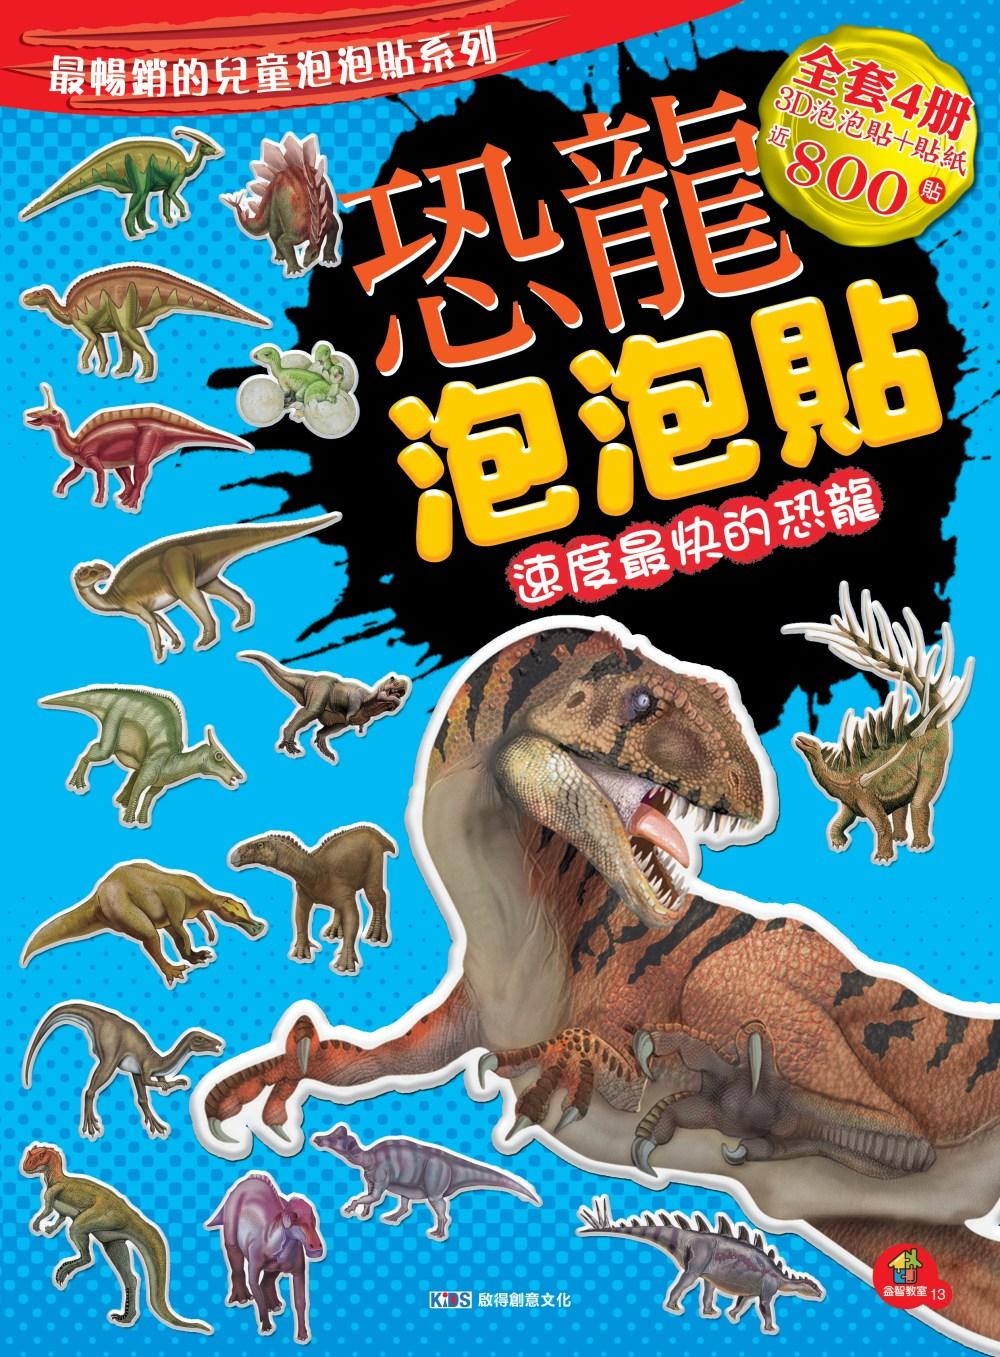 恐龍泡泡貼:速度最快的恐龍